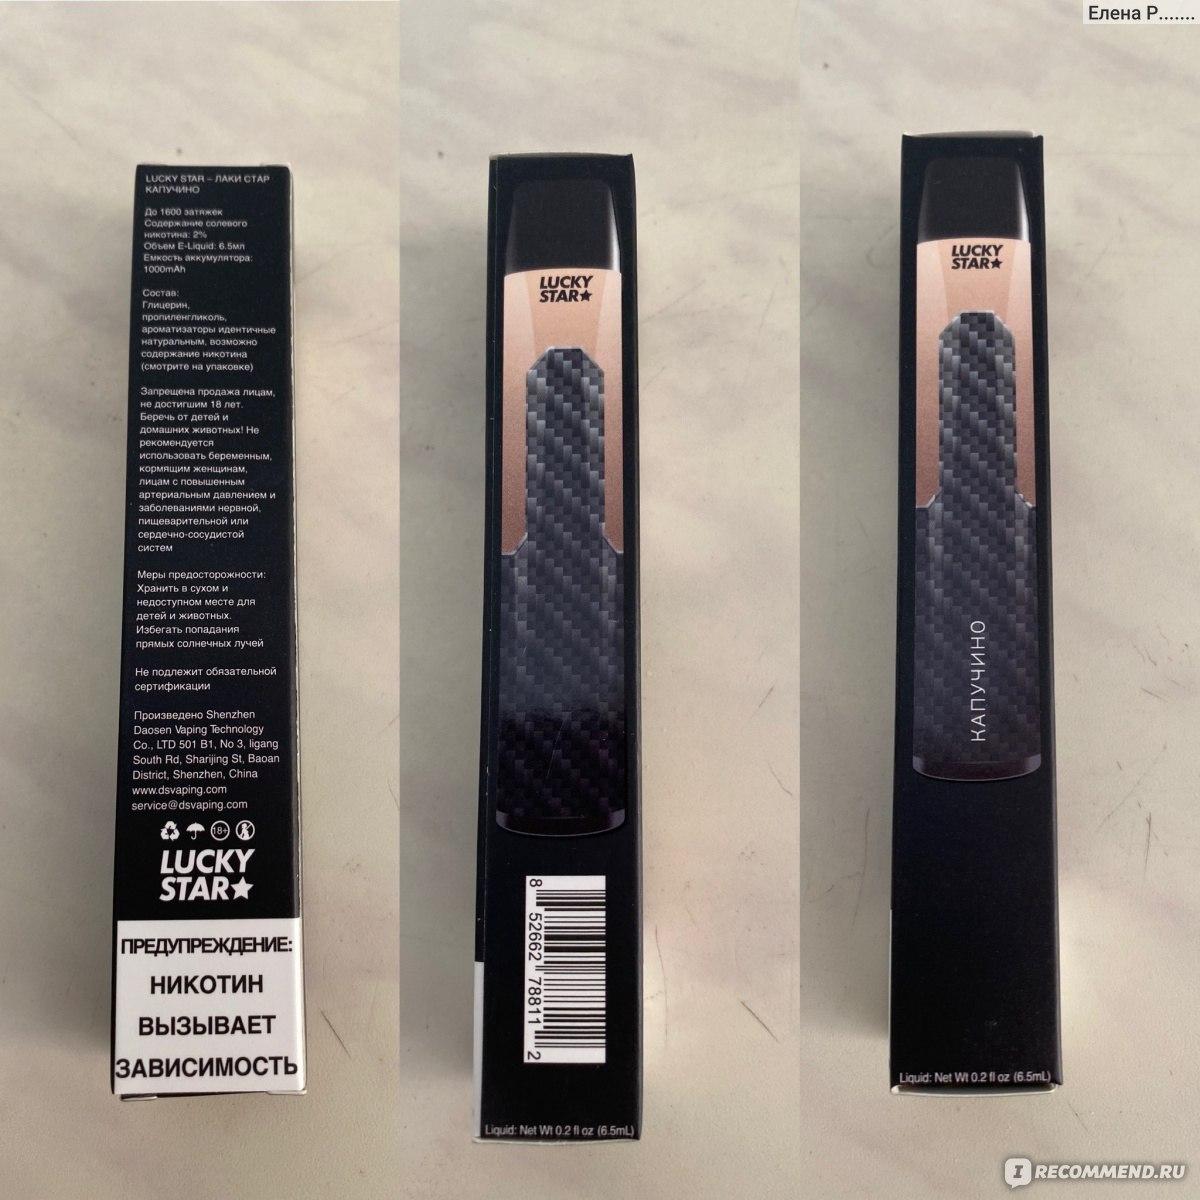 Электронная сигарета одноразовая лаки стар где купить машинку для забивания сигарет купить